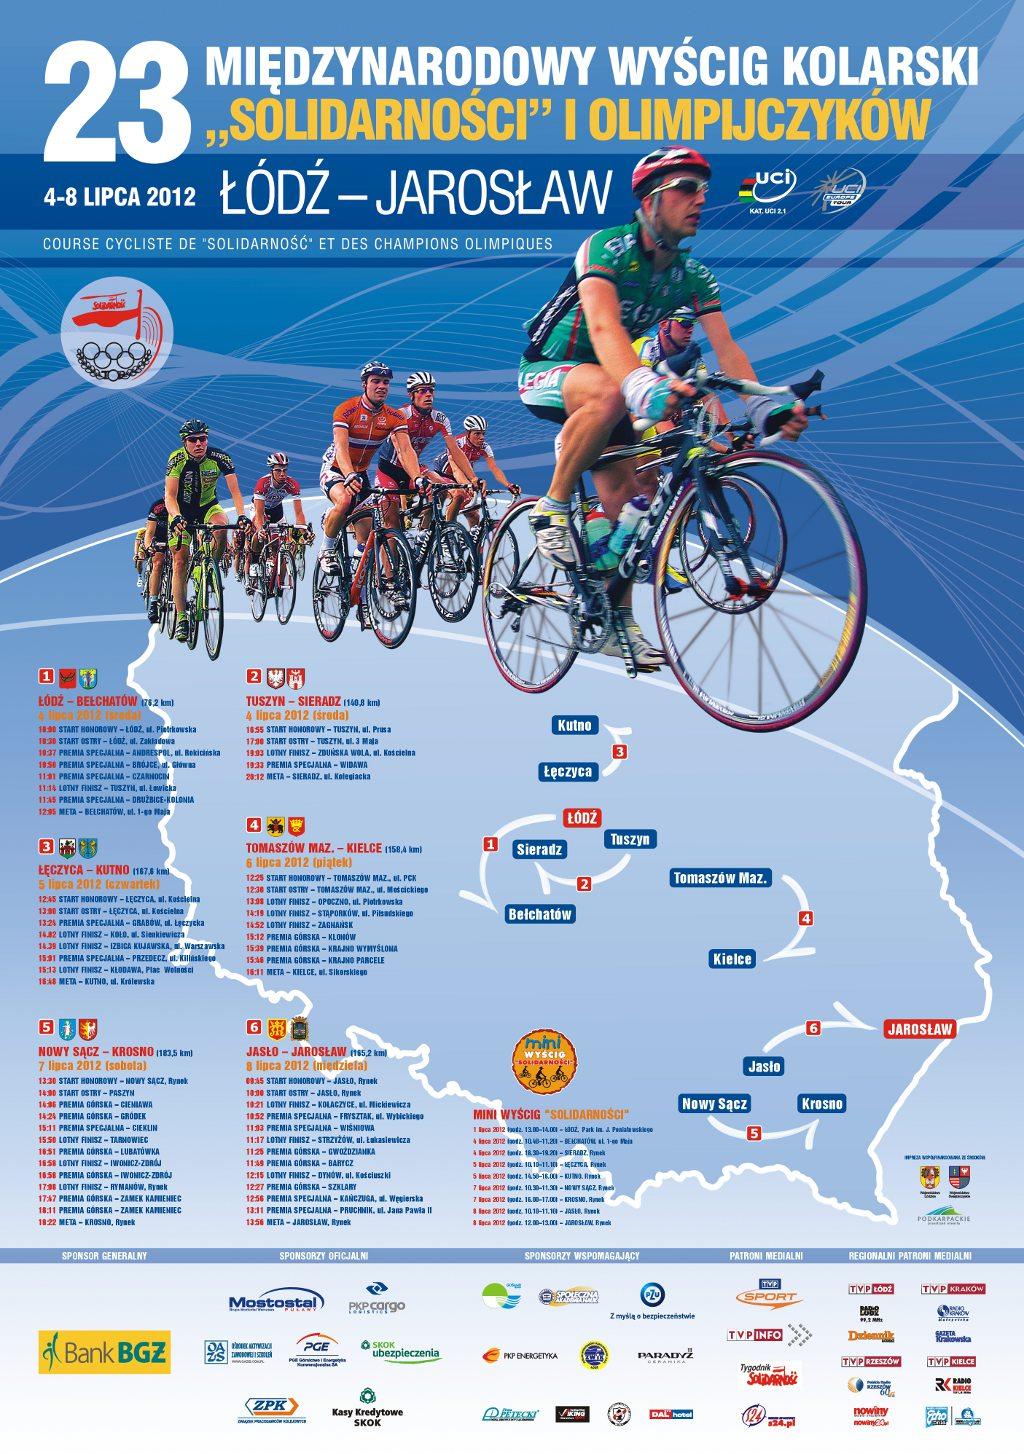 Galeria zdjęć: 23. Międzynarodowy Wyścig Kolarski 'Solidarności' i Olimpijczyków.